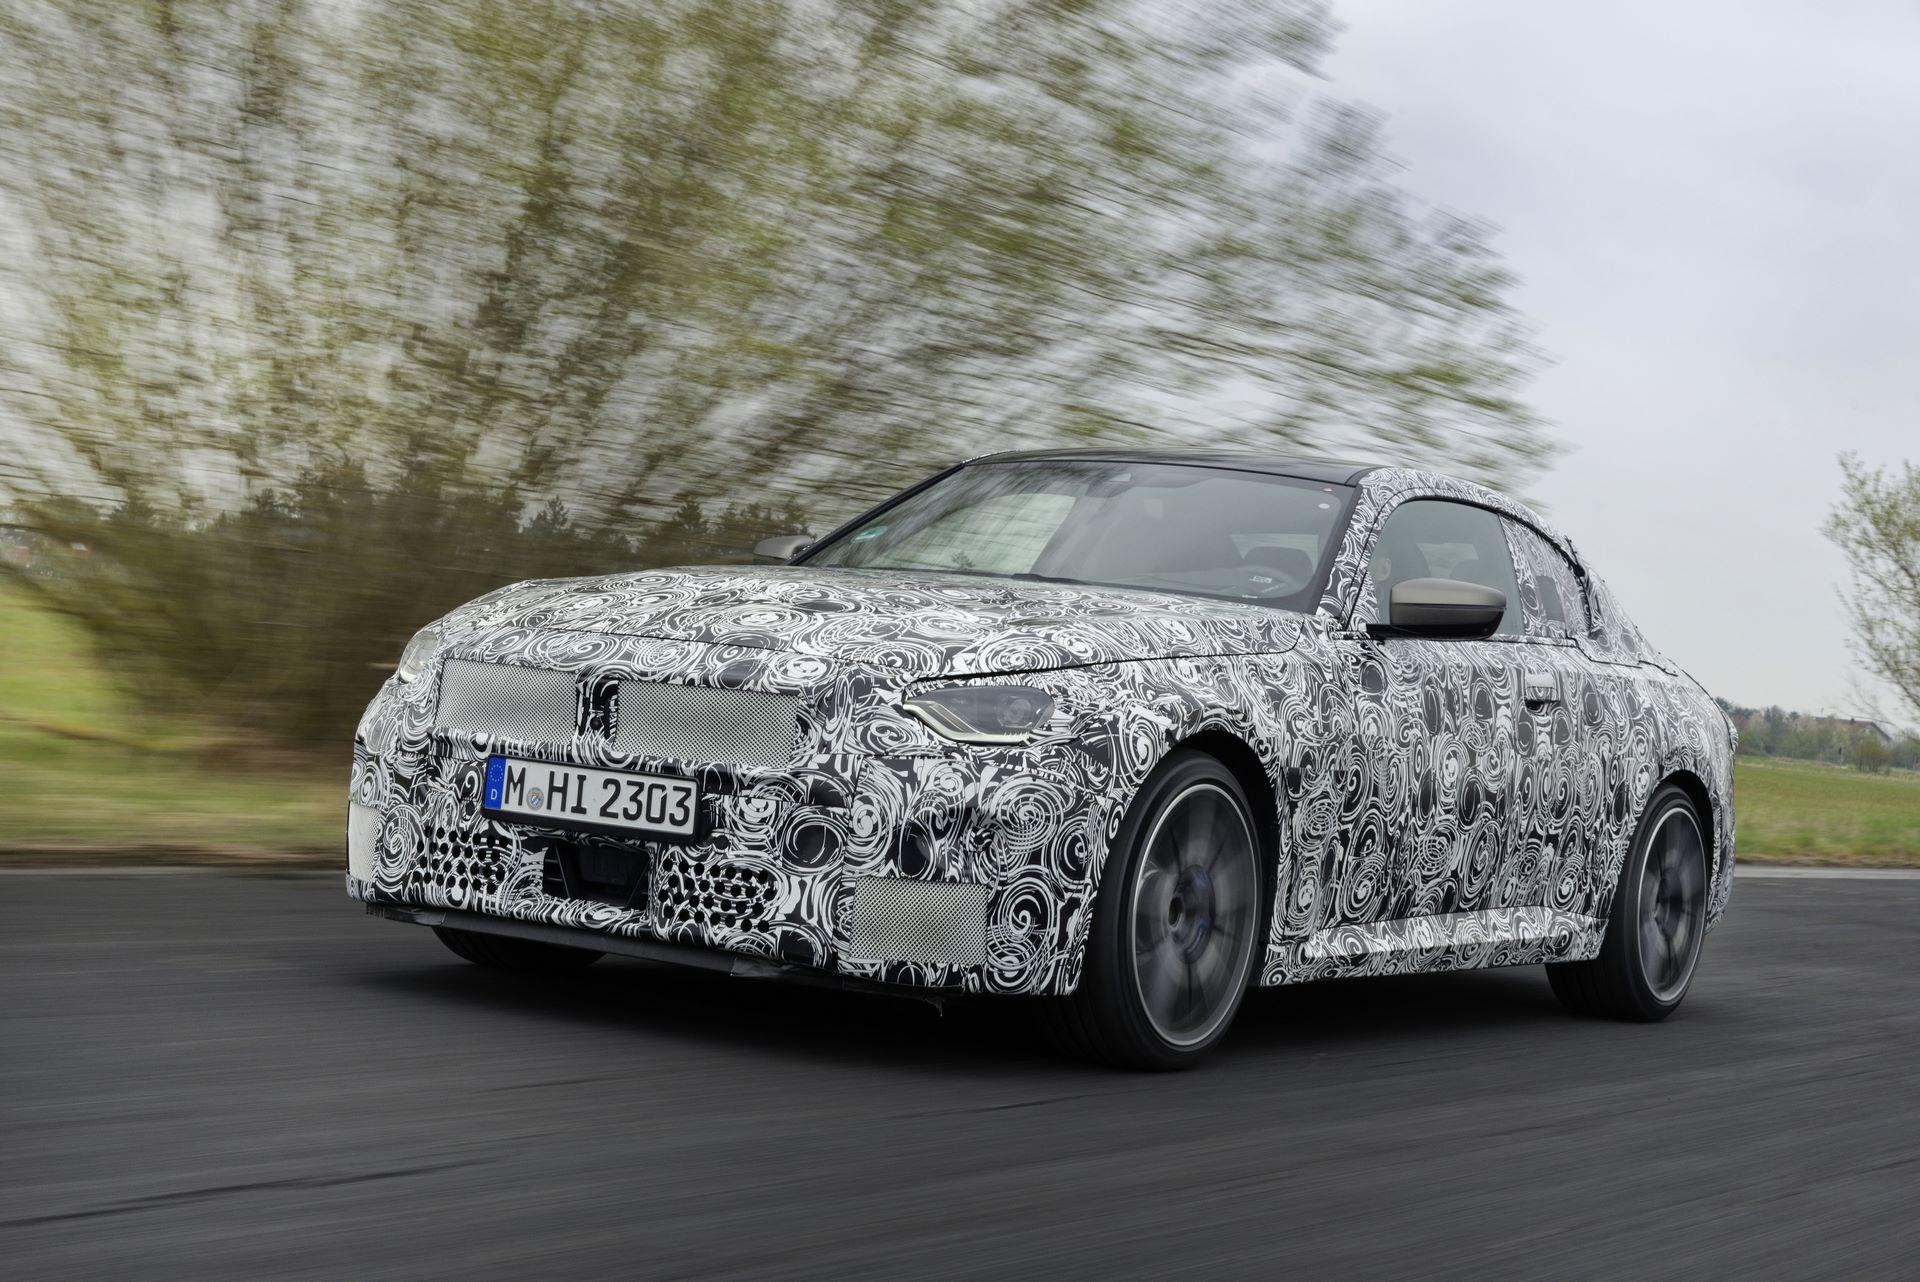 BMW-2-Series-M240i-spy-photos-61